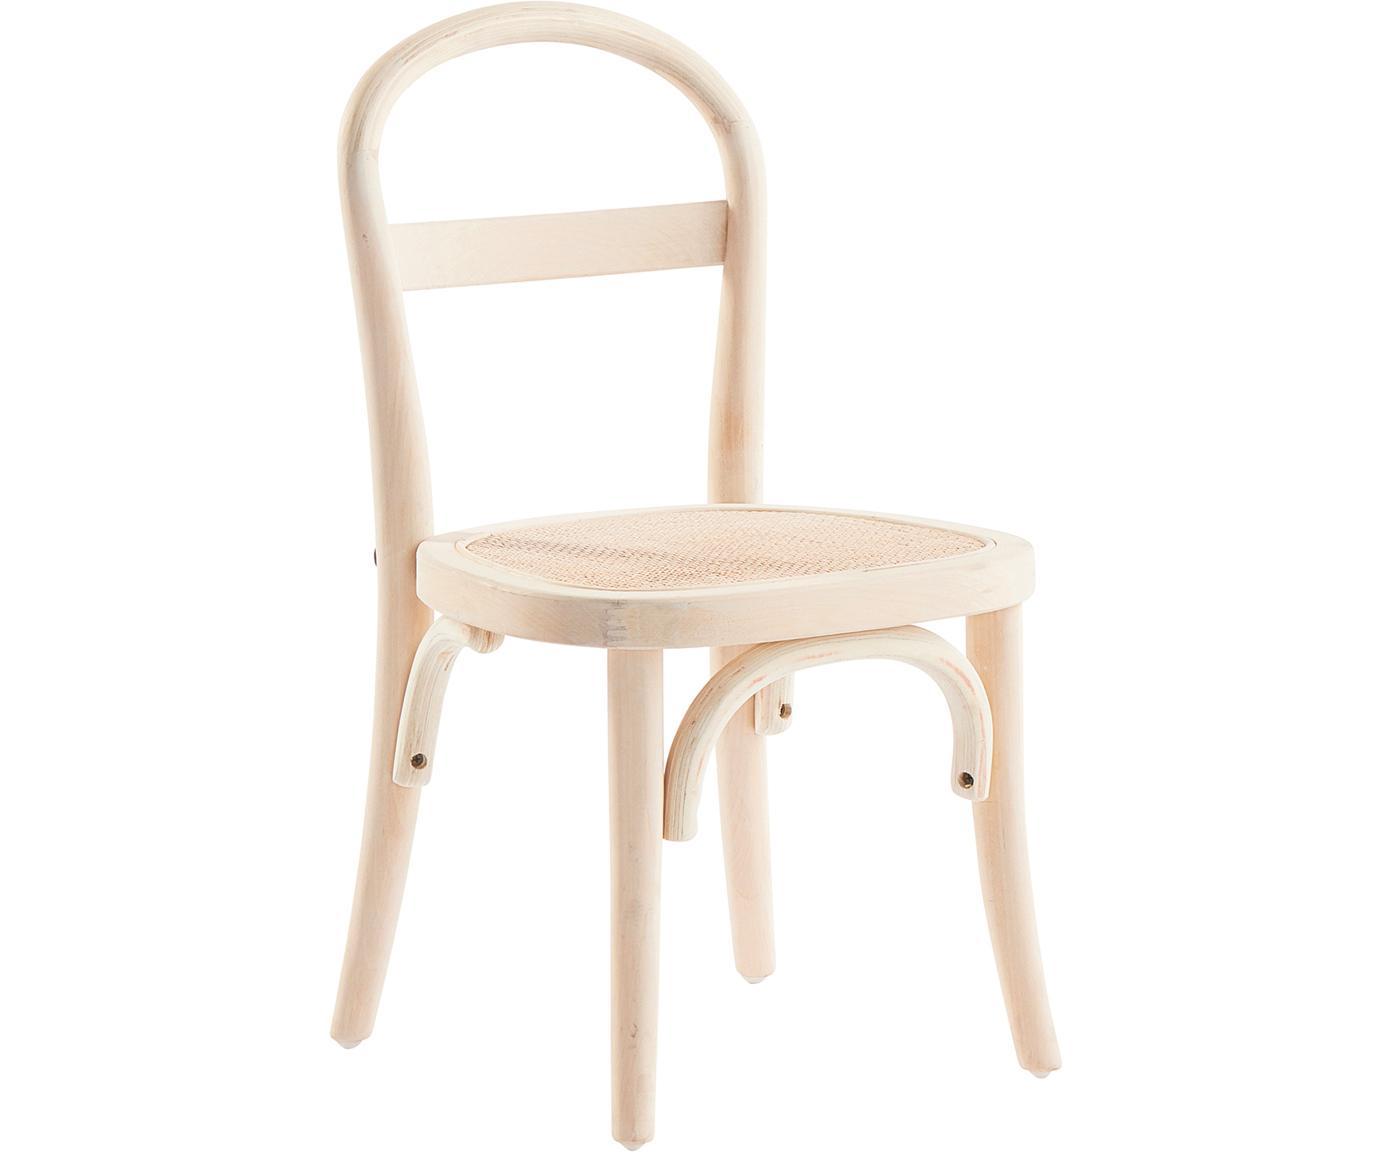 Krzesło dla dzieci Rippats, 2 szt., Drewno brzozowe, rattan, Drewno brzozowe, rattan, S 33 x G 35 cm